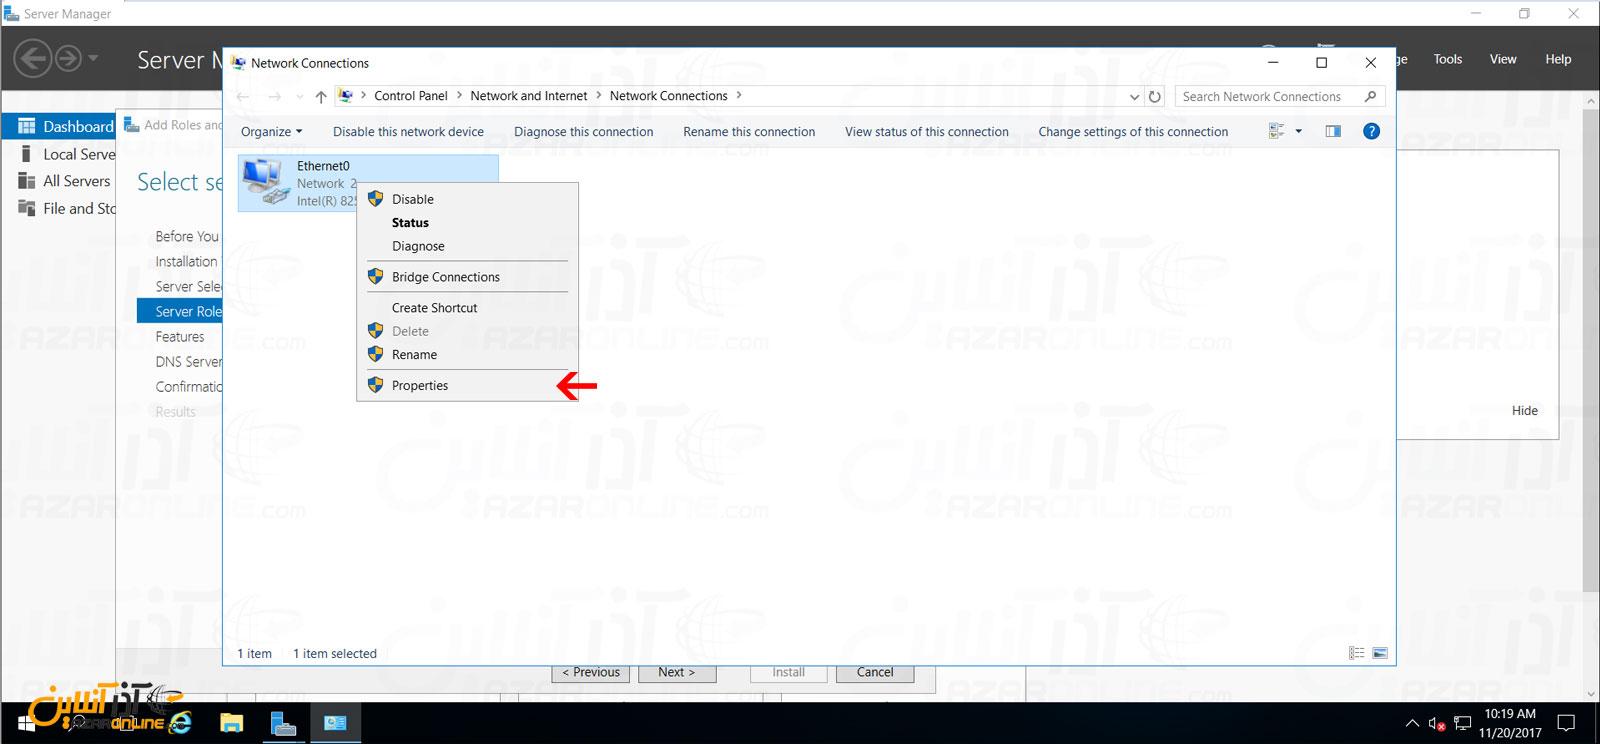 کلیک راست بر روی اینترفیس مورد نظر برای اضافه کردن IP دوم در ویندوز سرور 2016